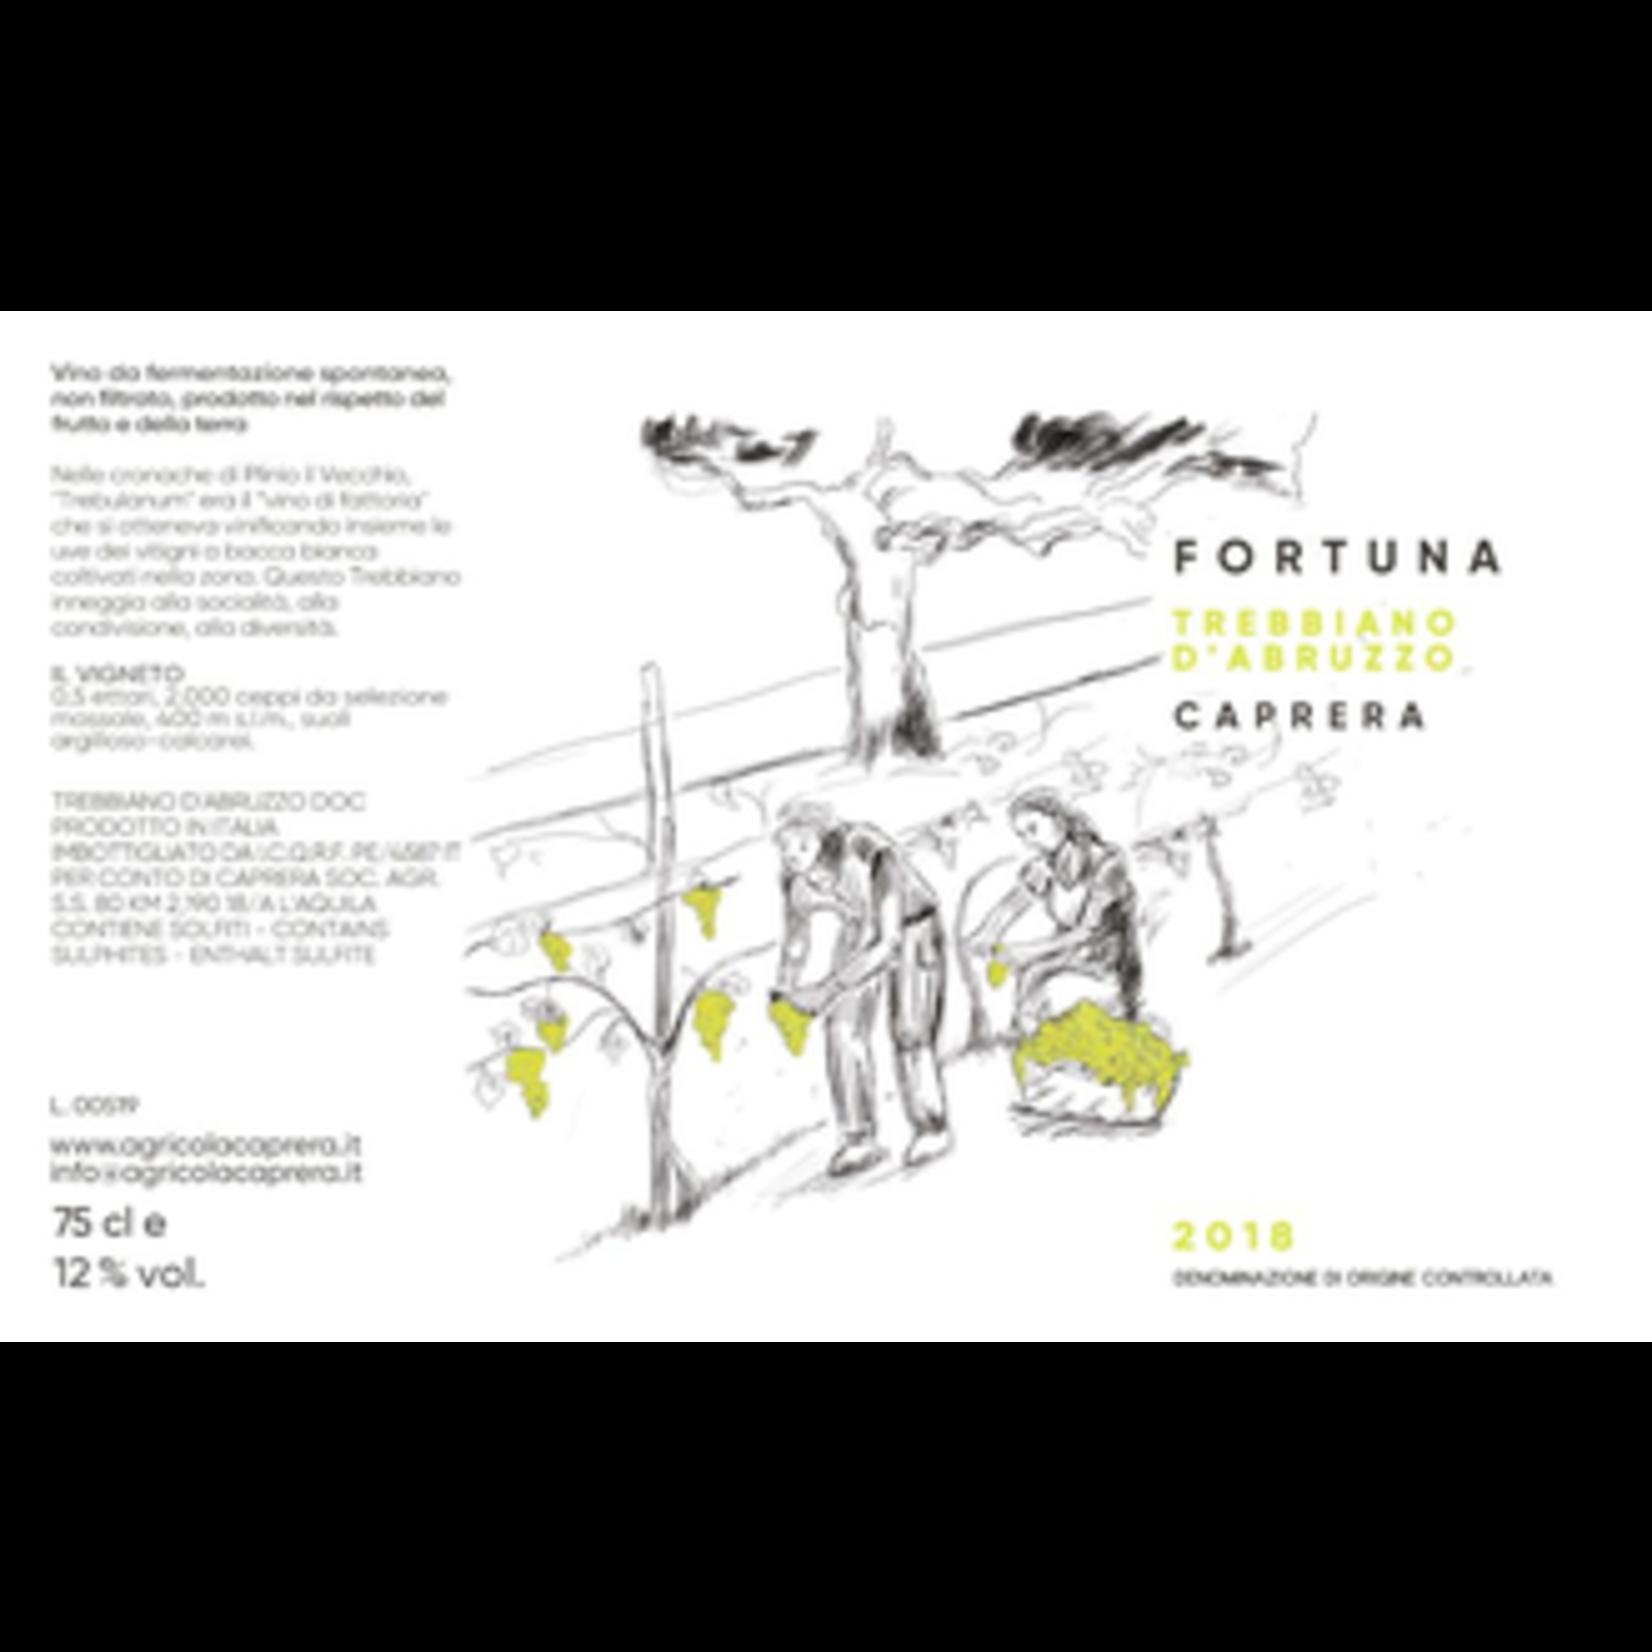 Wine Caprera Trebbiano d'Abruzzo DOC 2018